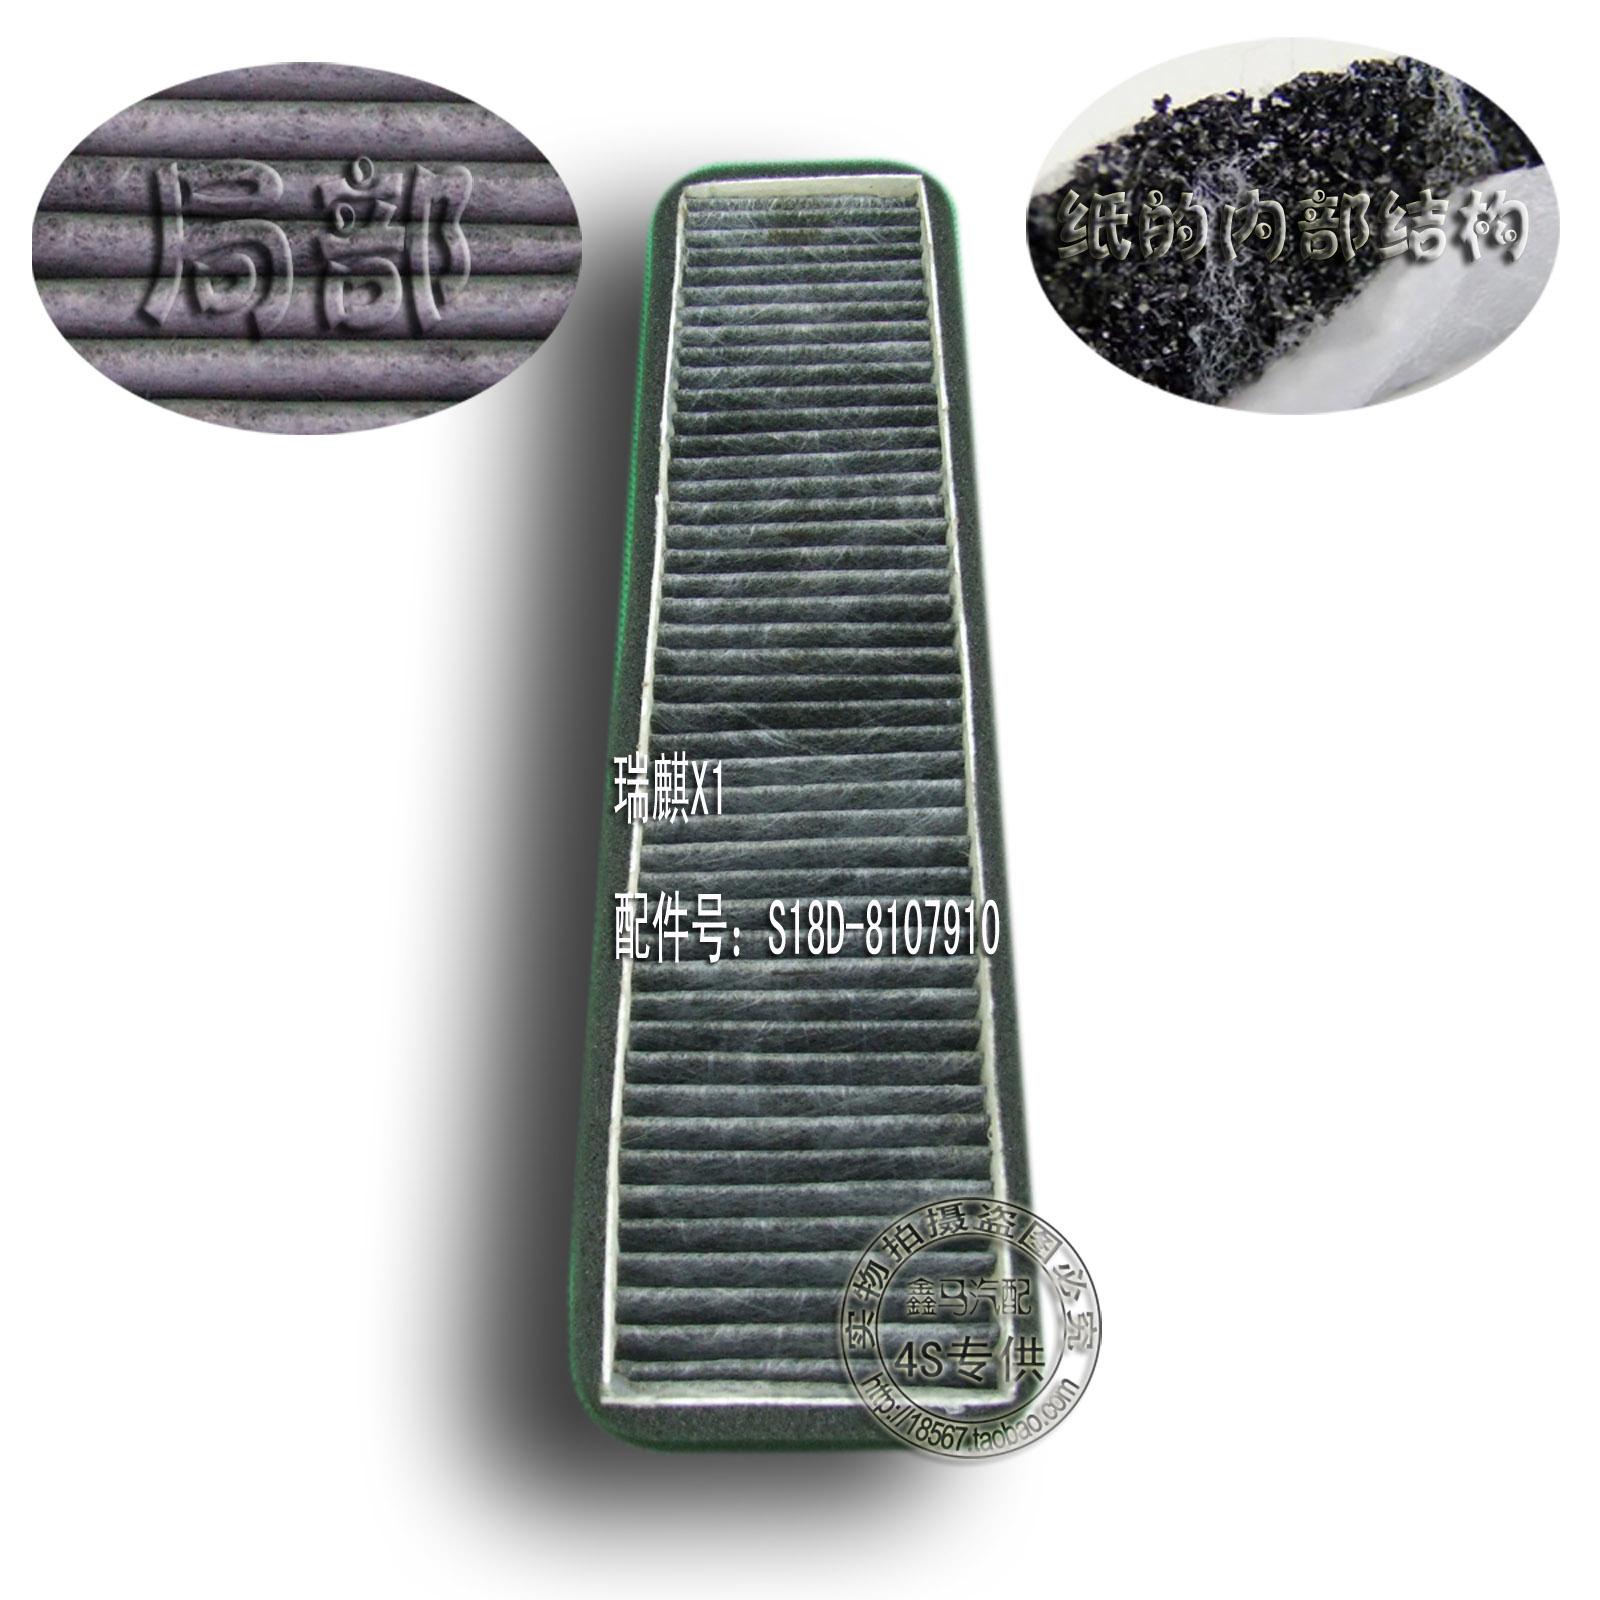 Chery riich X1 M1 воздушный фильтр фильтр углеродного волокна S18D-8107910 S18-4103735